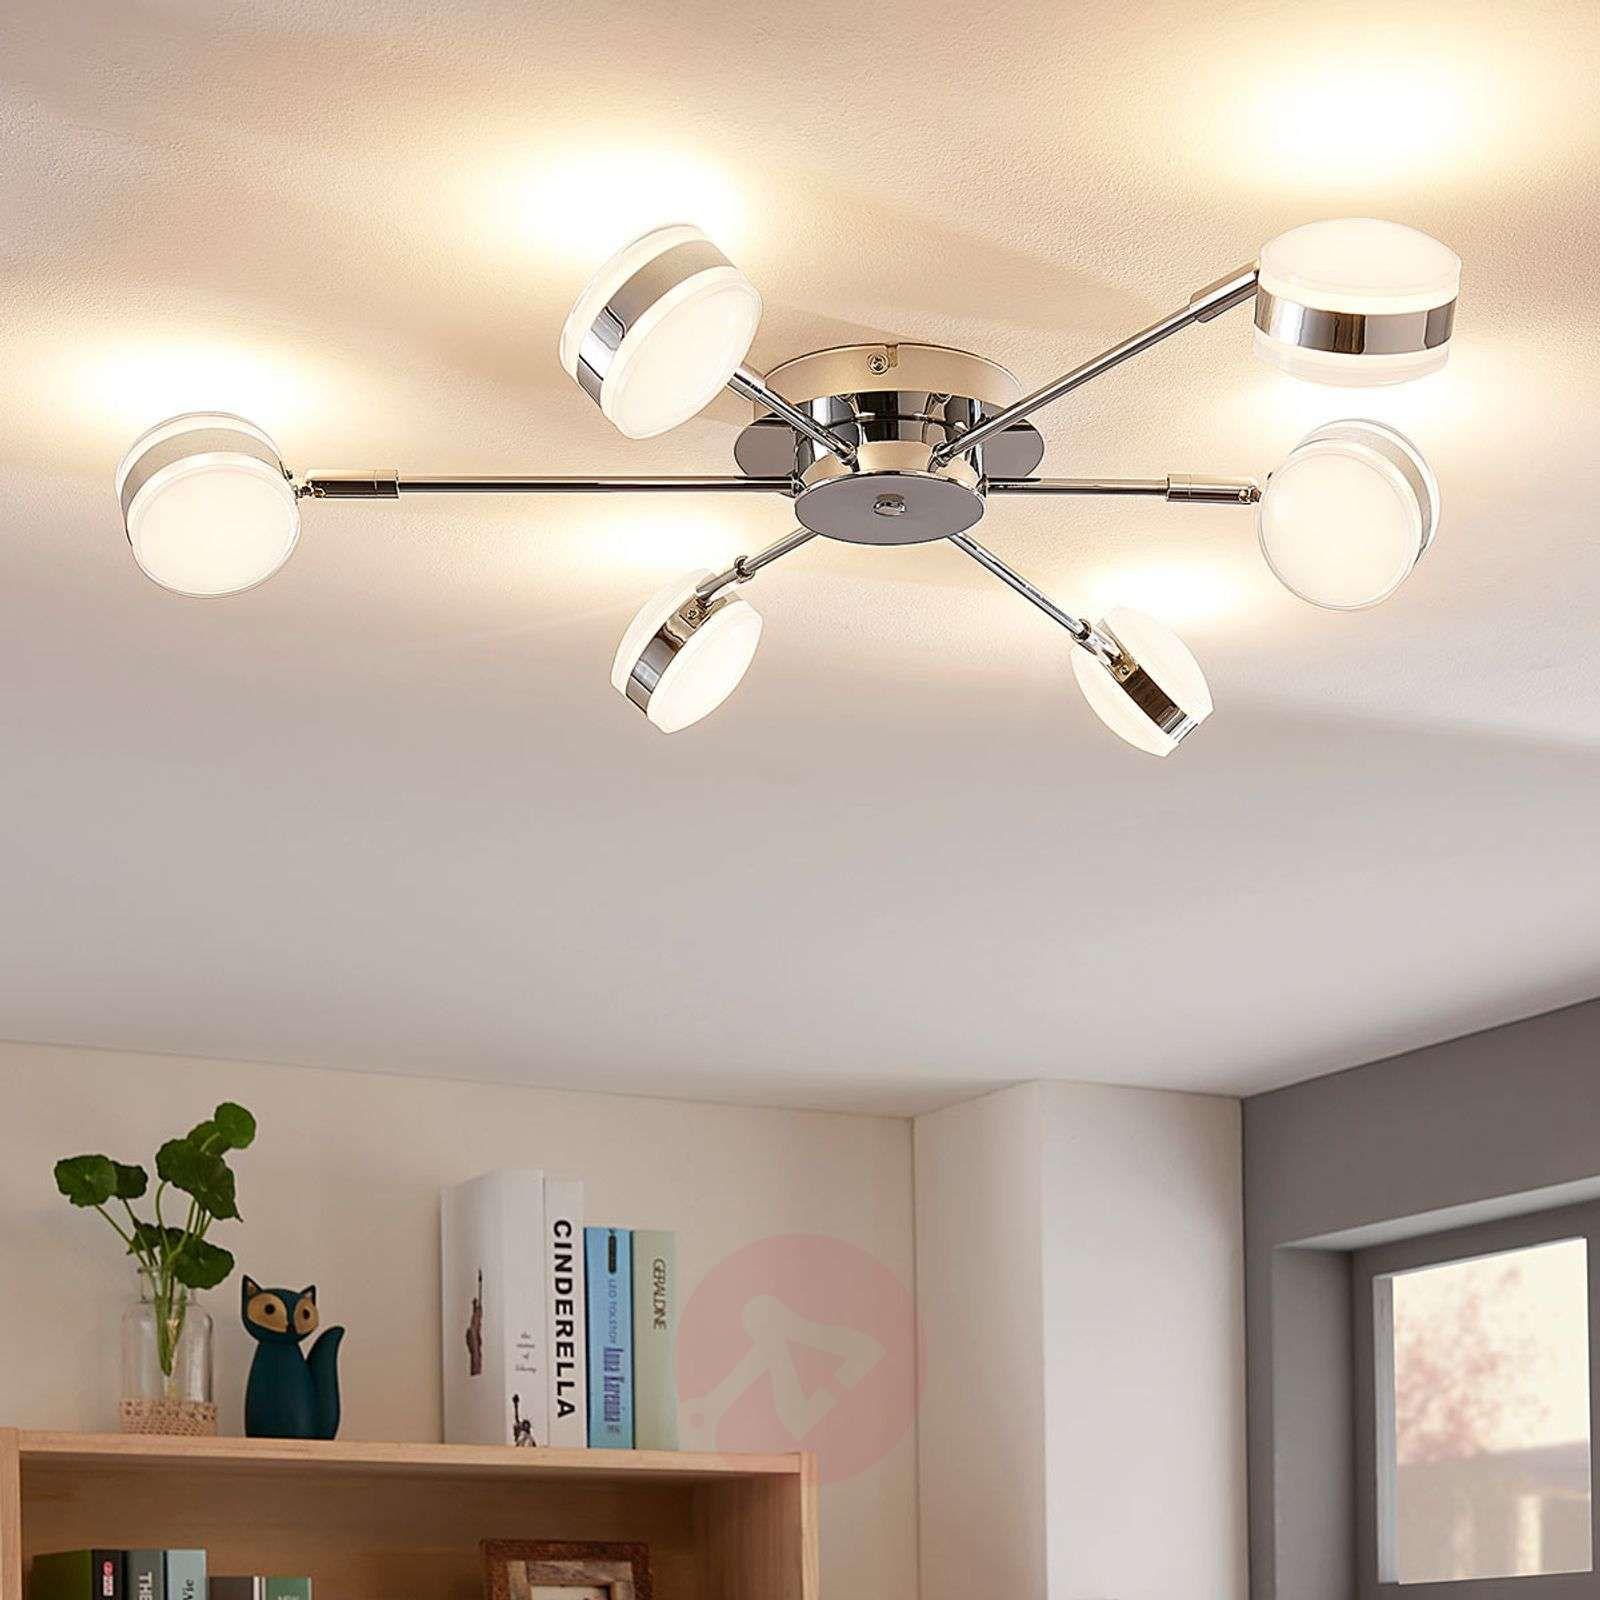 Lampy Wiszace Krysztalki Zyrandole Sufitowe Lampa Solarna Kula Wiszaca Oswietlenie W Salonie Z Aneksem Lampa Ceiling Lamp Led Ceiling Led Ceiling Lamp